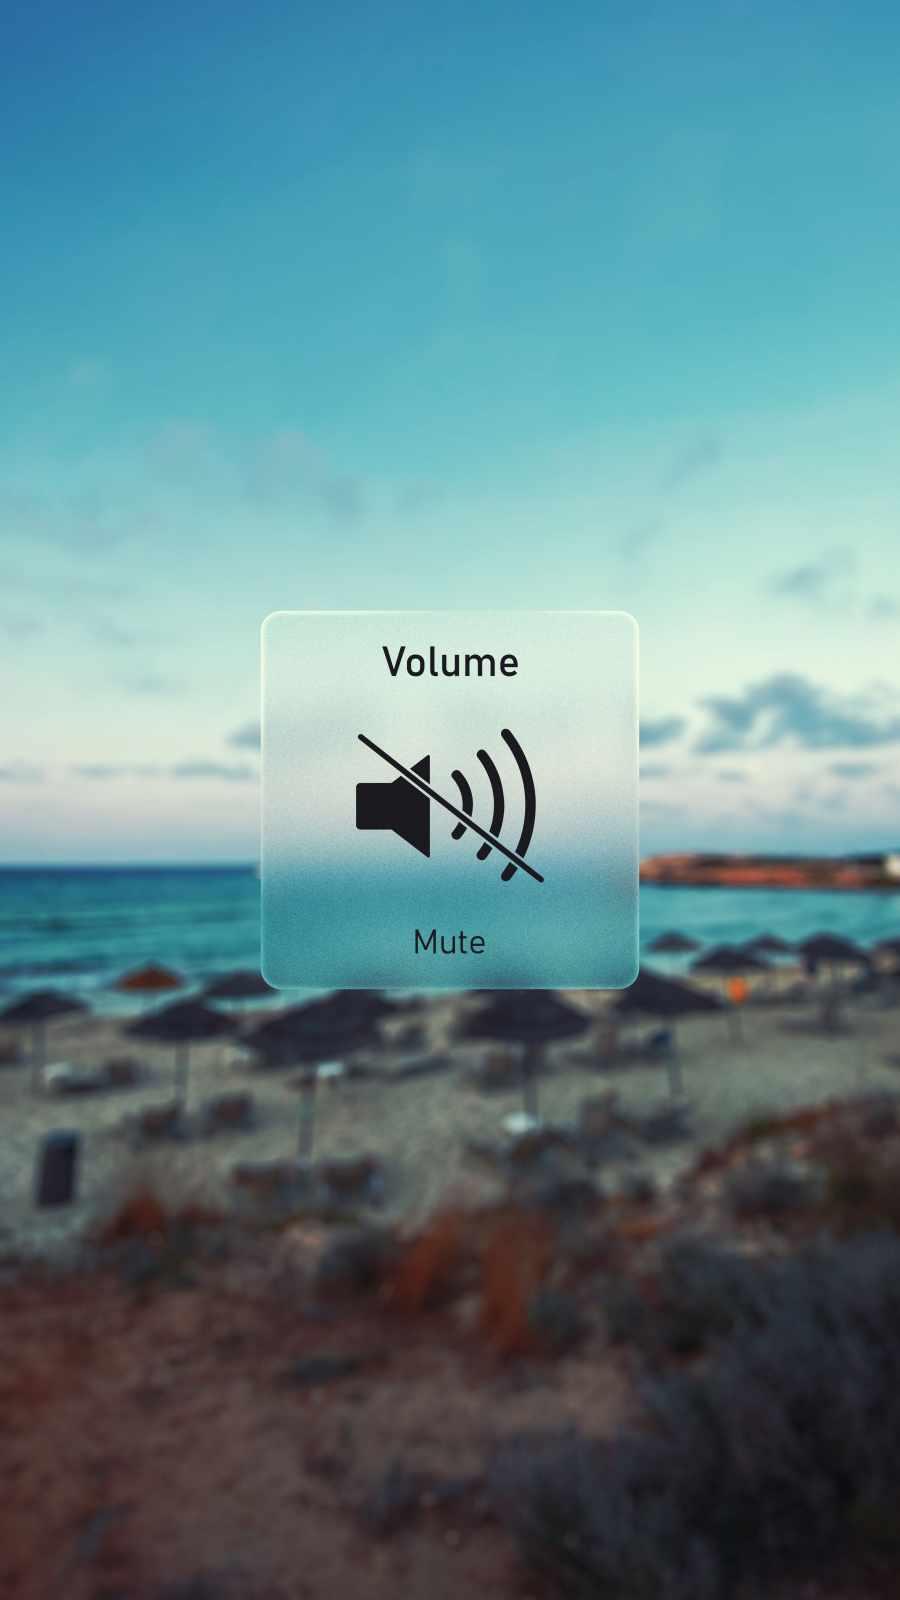 Volume Mute